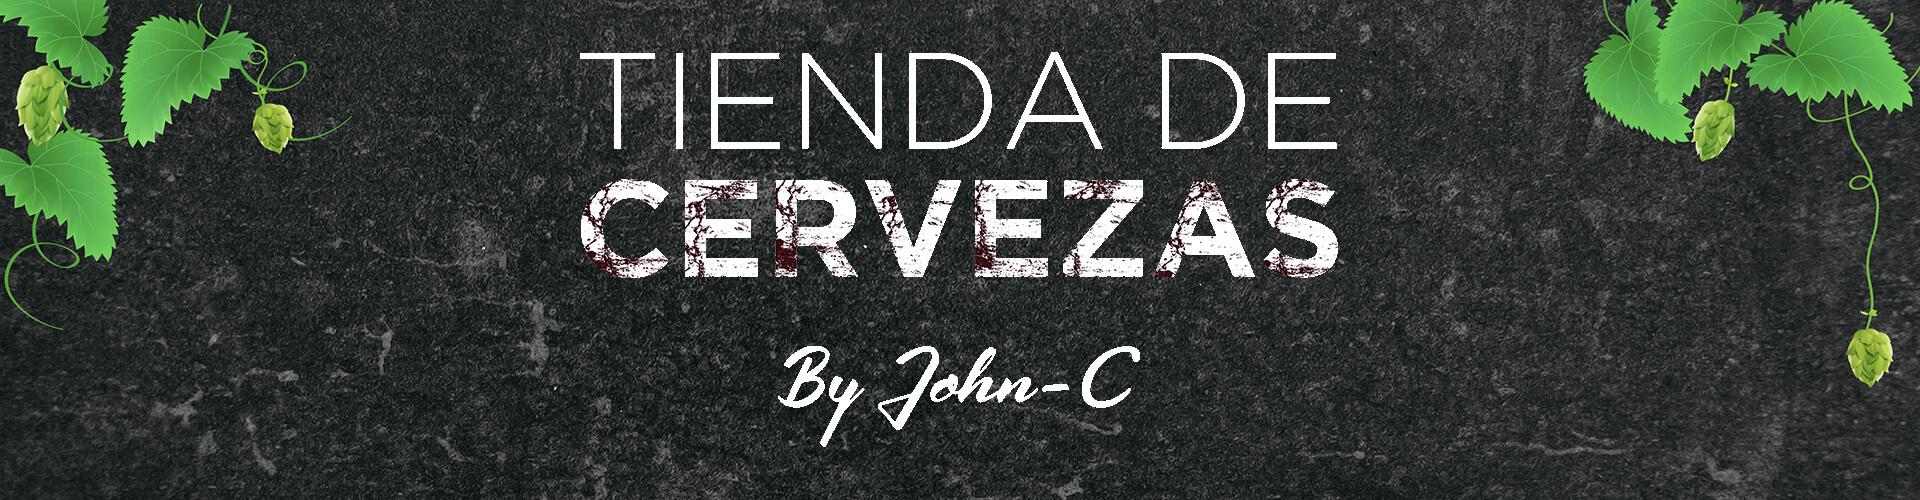 Tienda de Cervezas - by John-C